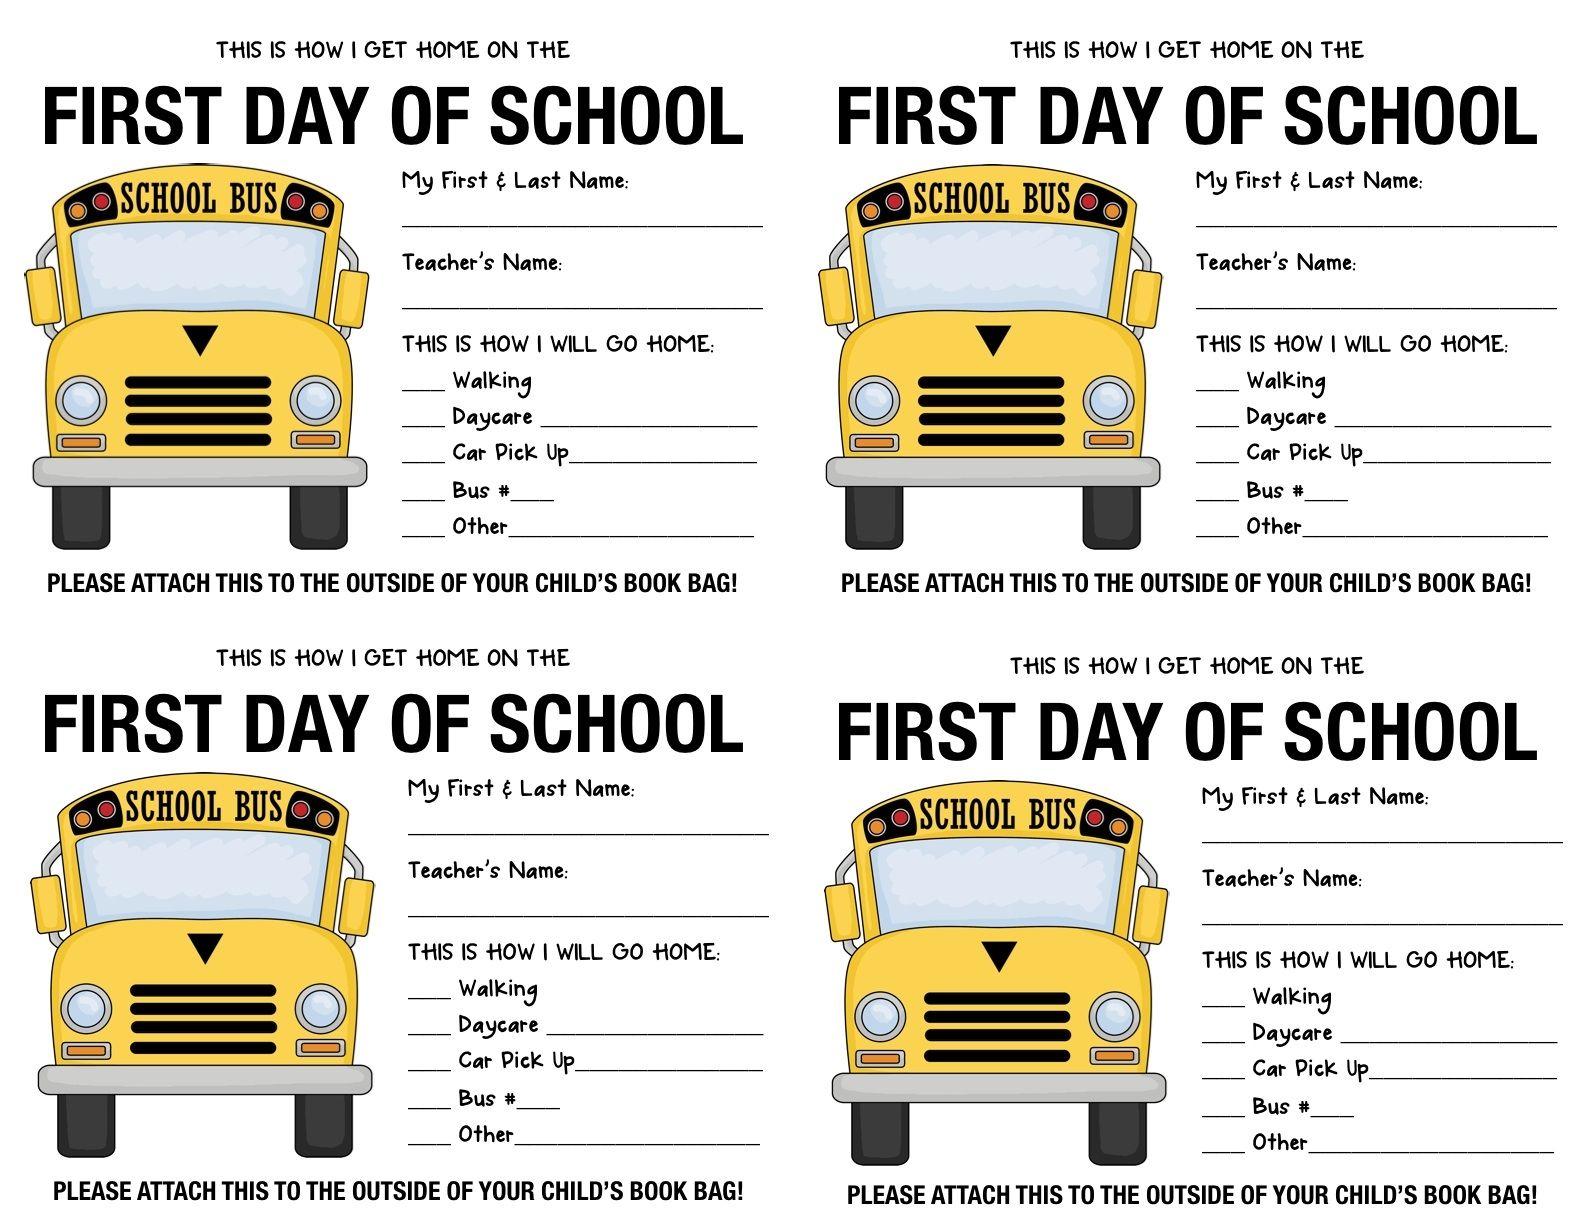 How I Get Home From School Kids Parents School Children Crafts Back To School School Supplies